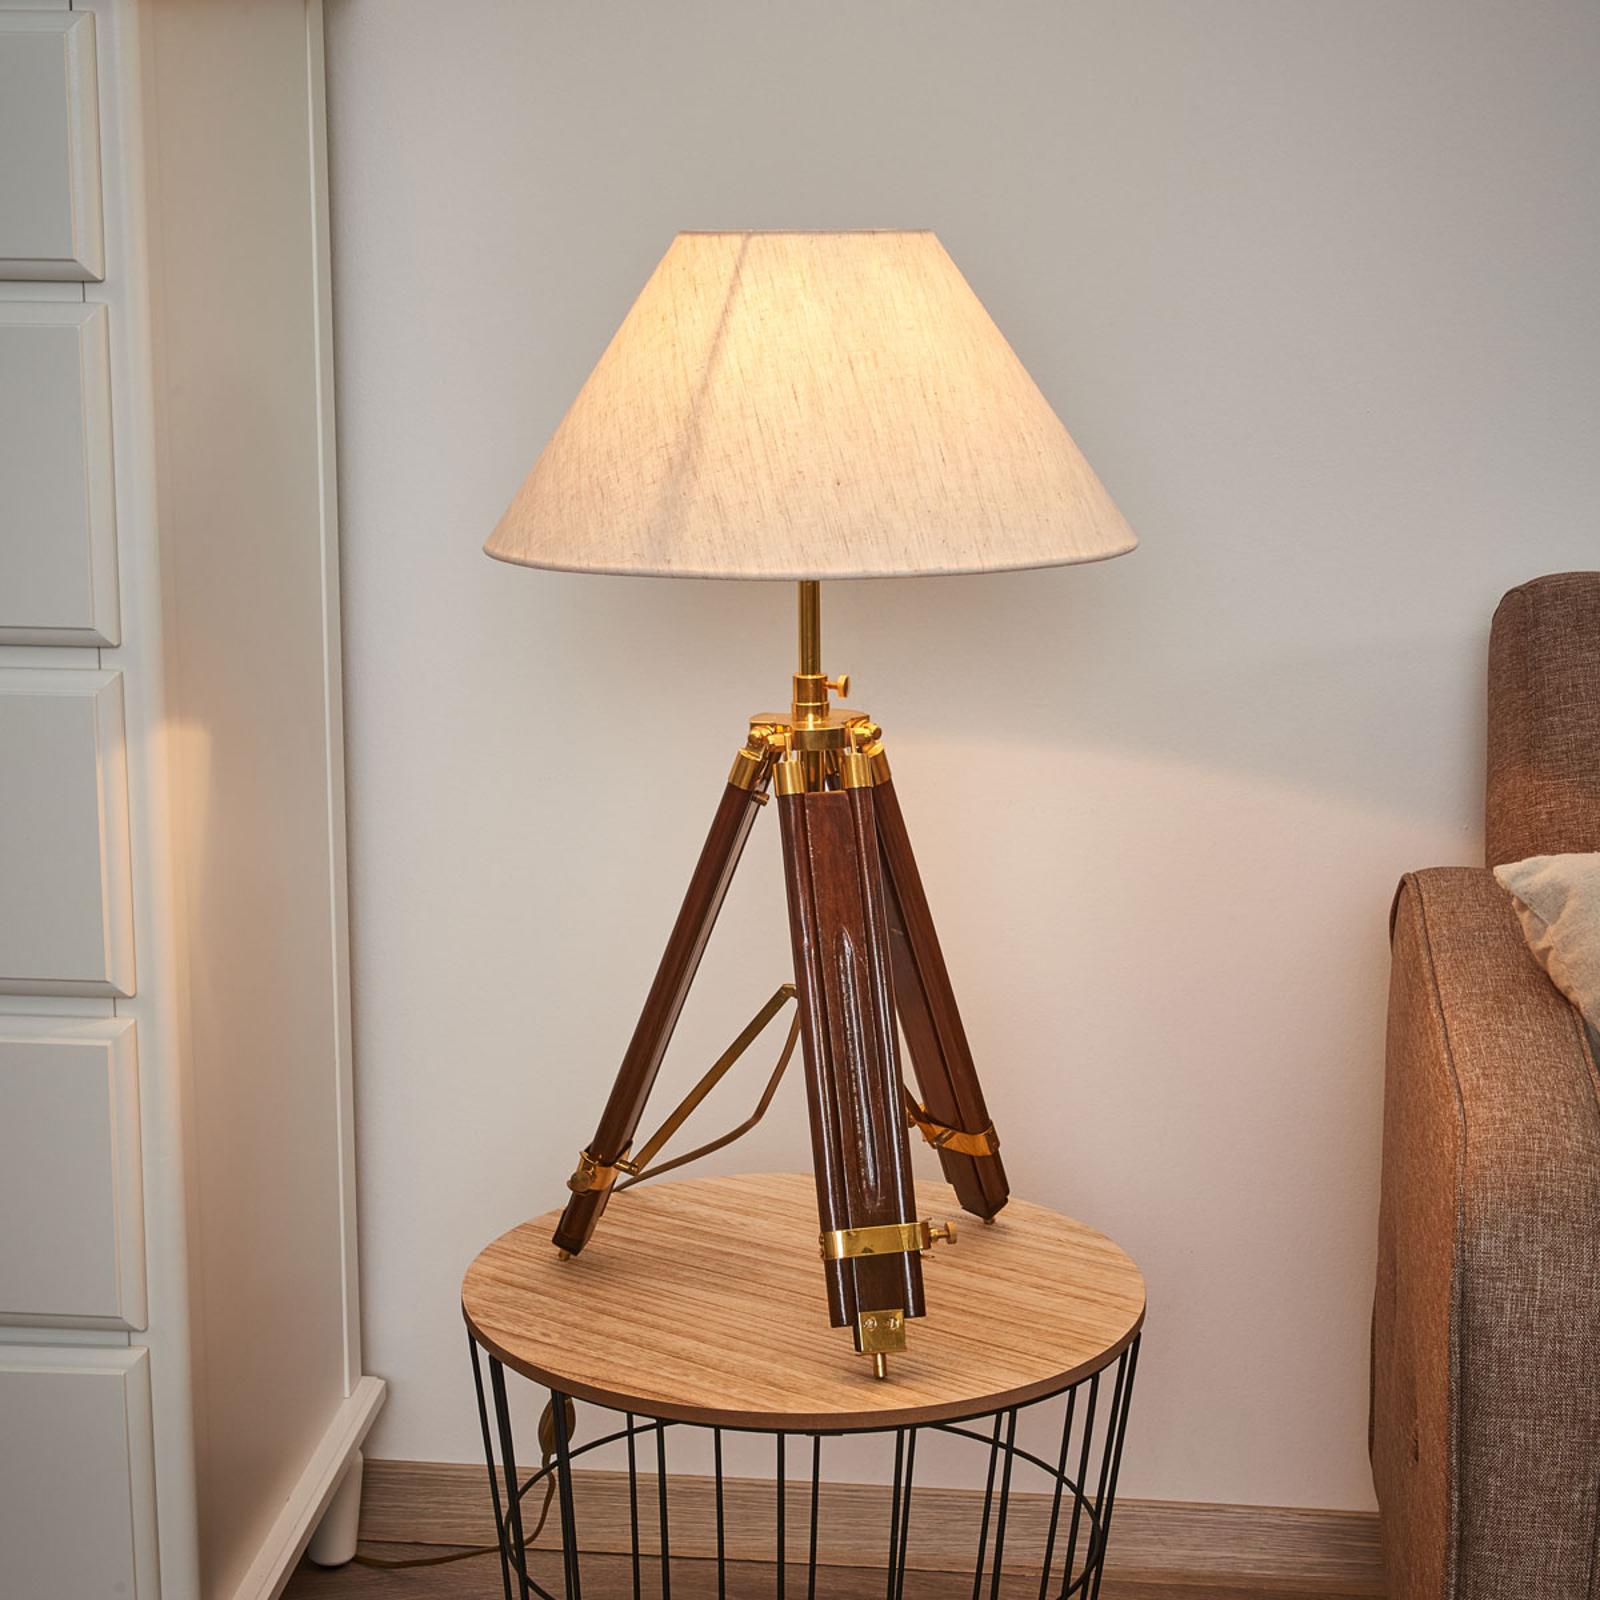 Lampa stołowa jako lampa stojąca - MINISTATIV